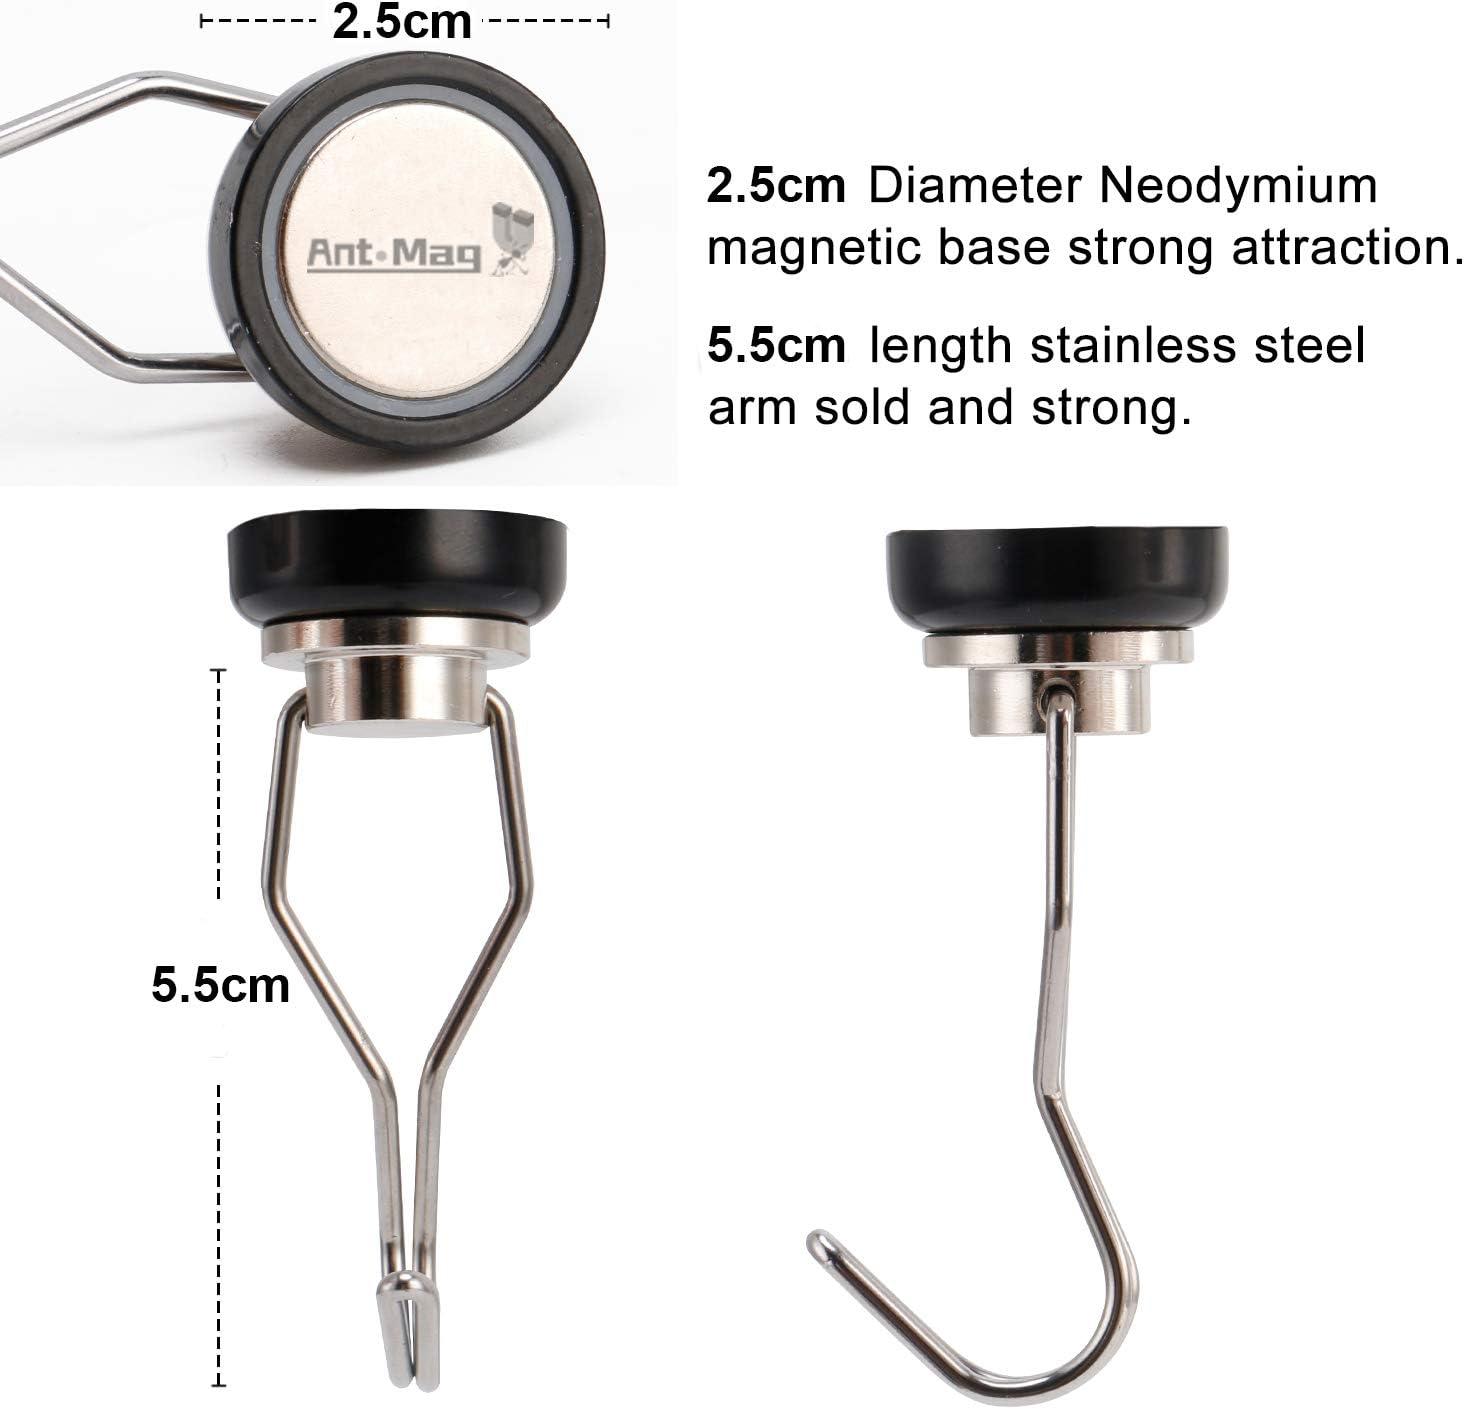 Magnetischer Haken aus Neodym Magnet Bunt Drehbar Rostfrei Starke Haftkraft Max Silber 22kg Ant Mag 4 St/ück Magnethaken 25mm